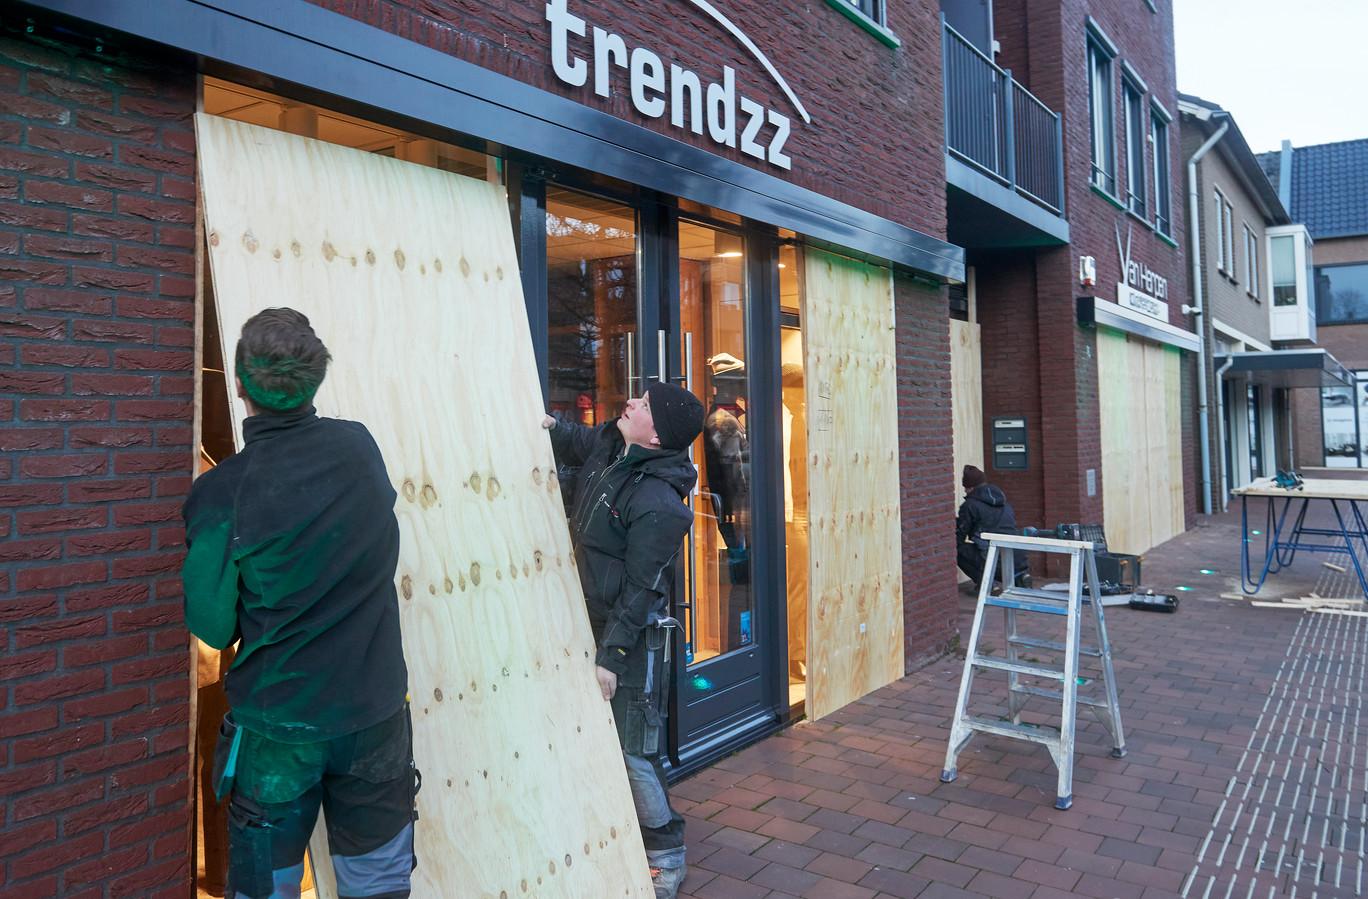 Medewerkers van Verstegen Bouw en Timmerwerk zijn bezig met het dichttimmeren van de winkel van Trendzz in Heesch. Dit uit voorzorg voor de gevreesde rellen.